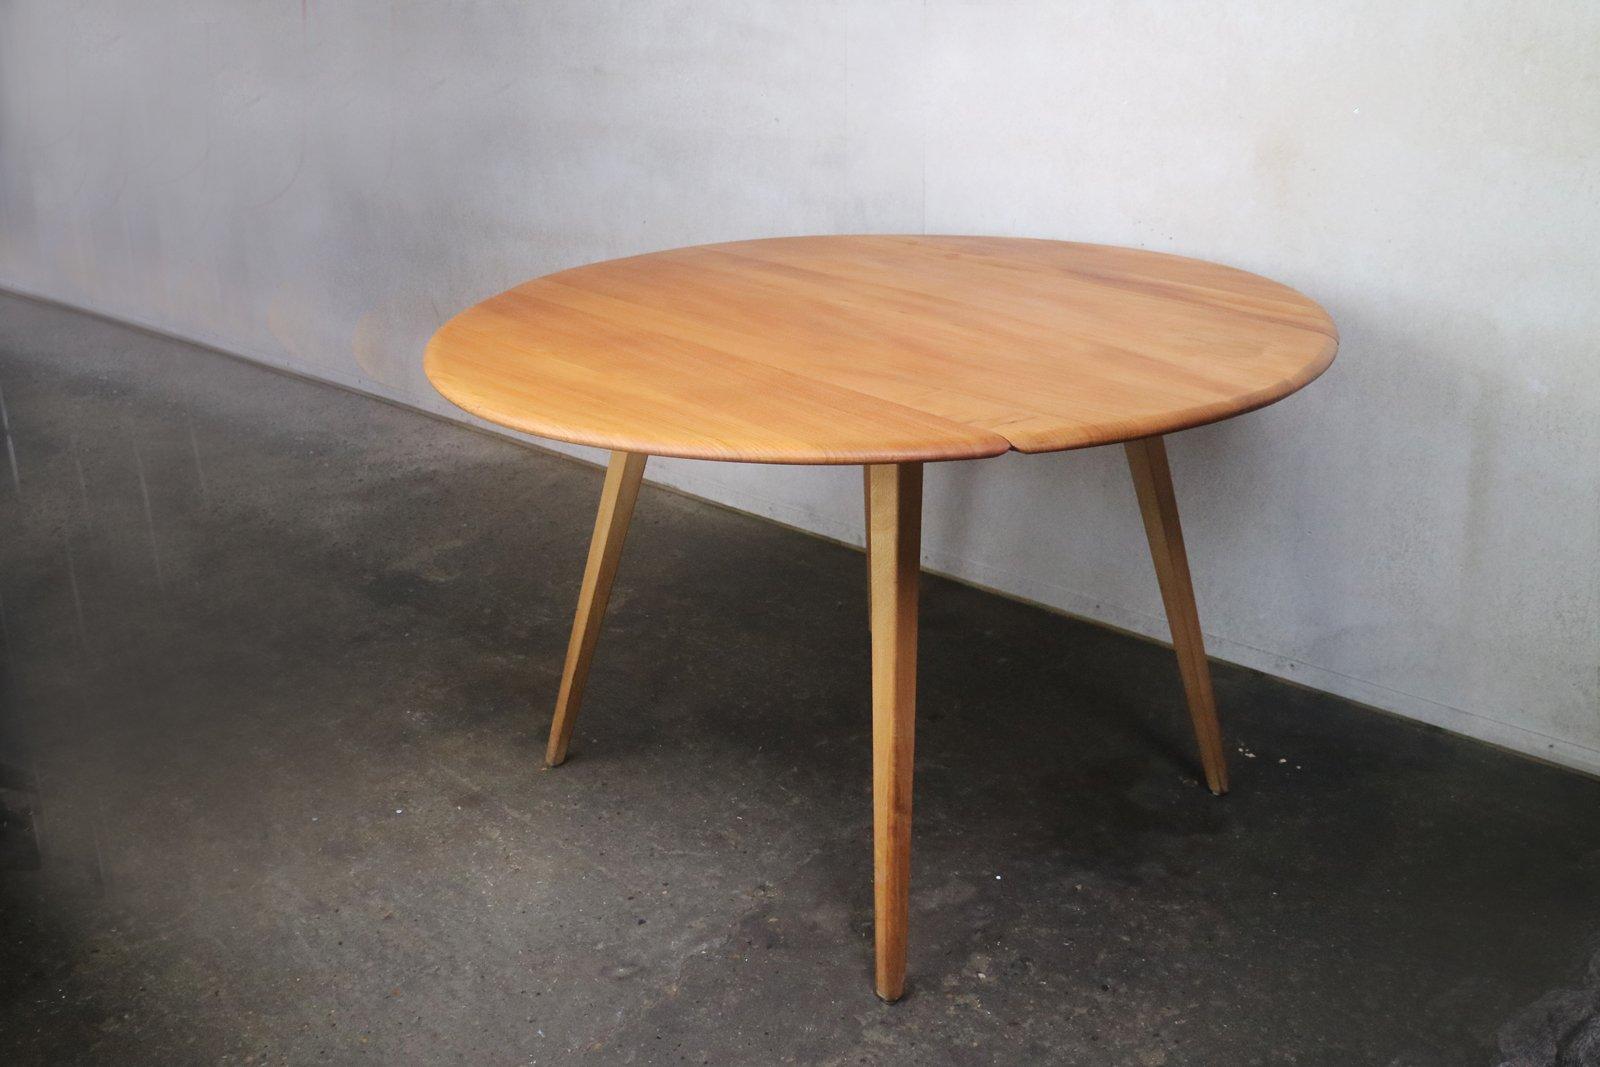 ausklappbarer runder mid century esstisch aus buche ulmenholz von ercol bei pamono kaufen. Black Bedroom Furniture Sets. Home Design Ideas